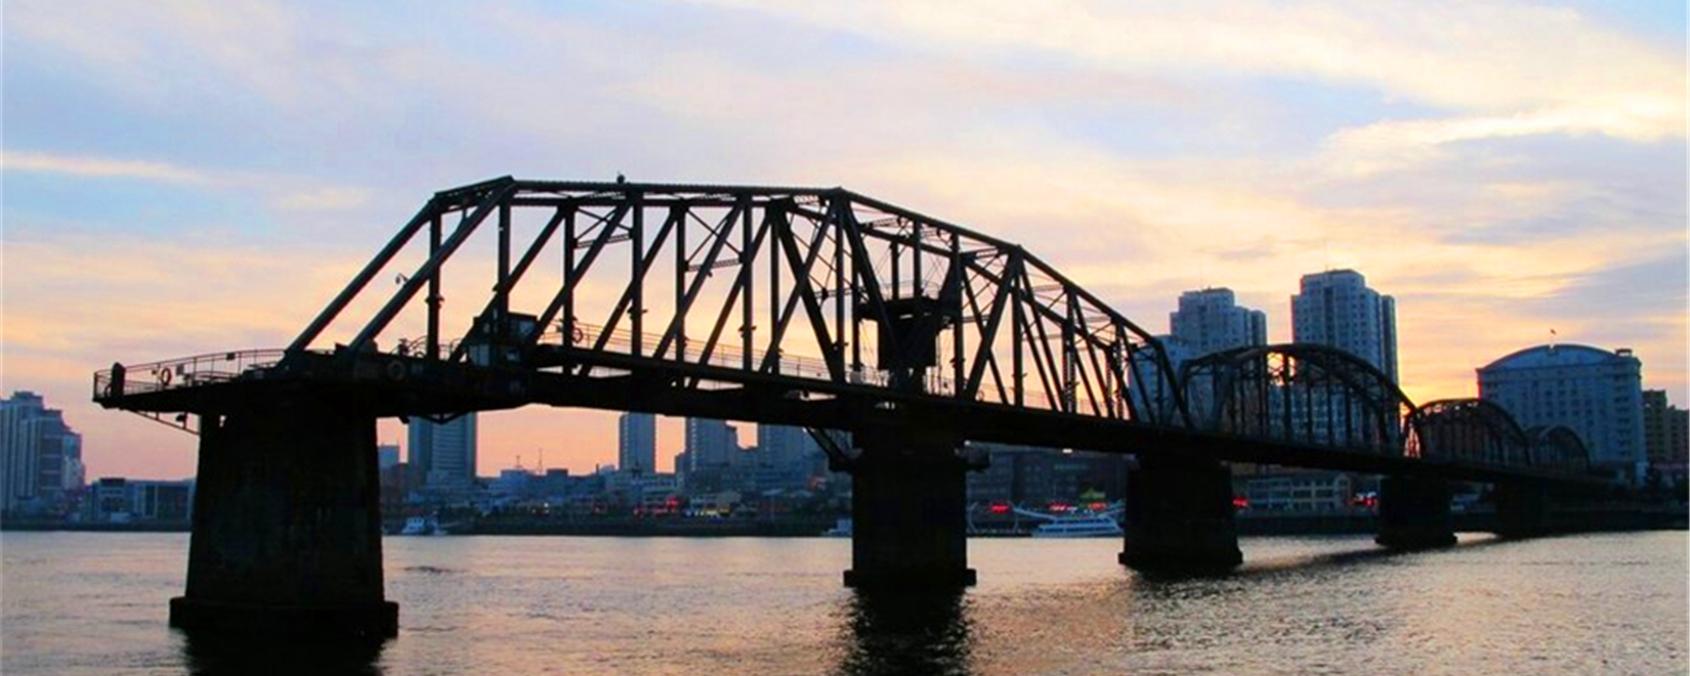 与朝鲜隔江相望,你知?#20048;?#22269;最大的边境城市吗?